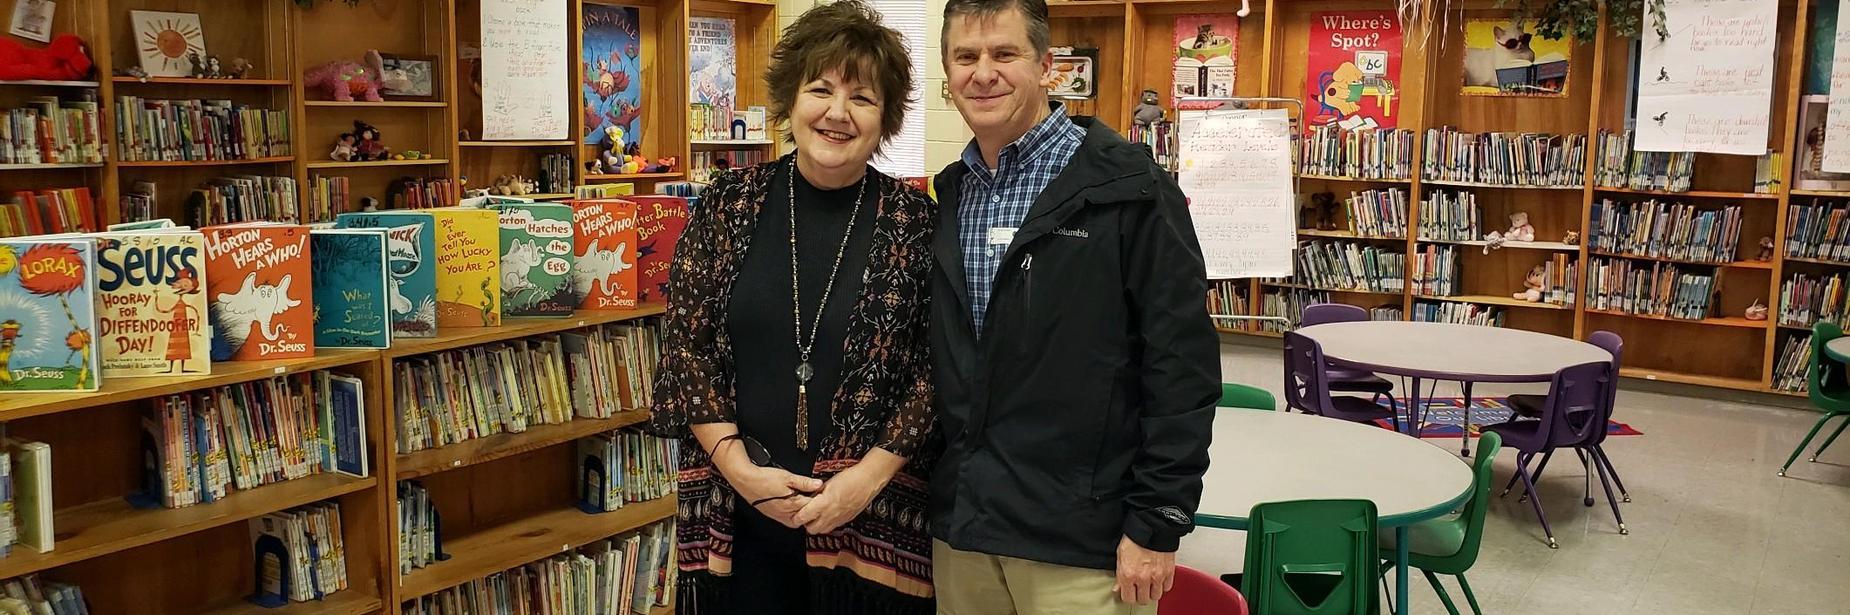 Mrs. James & Mr. Goodson